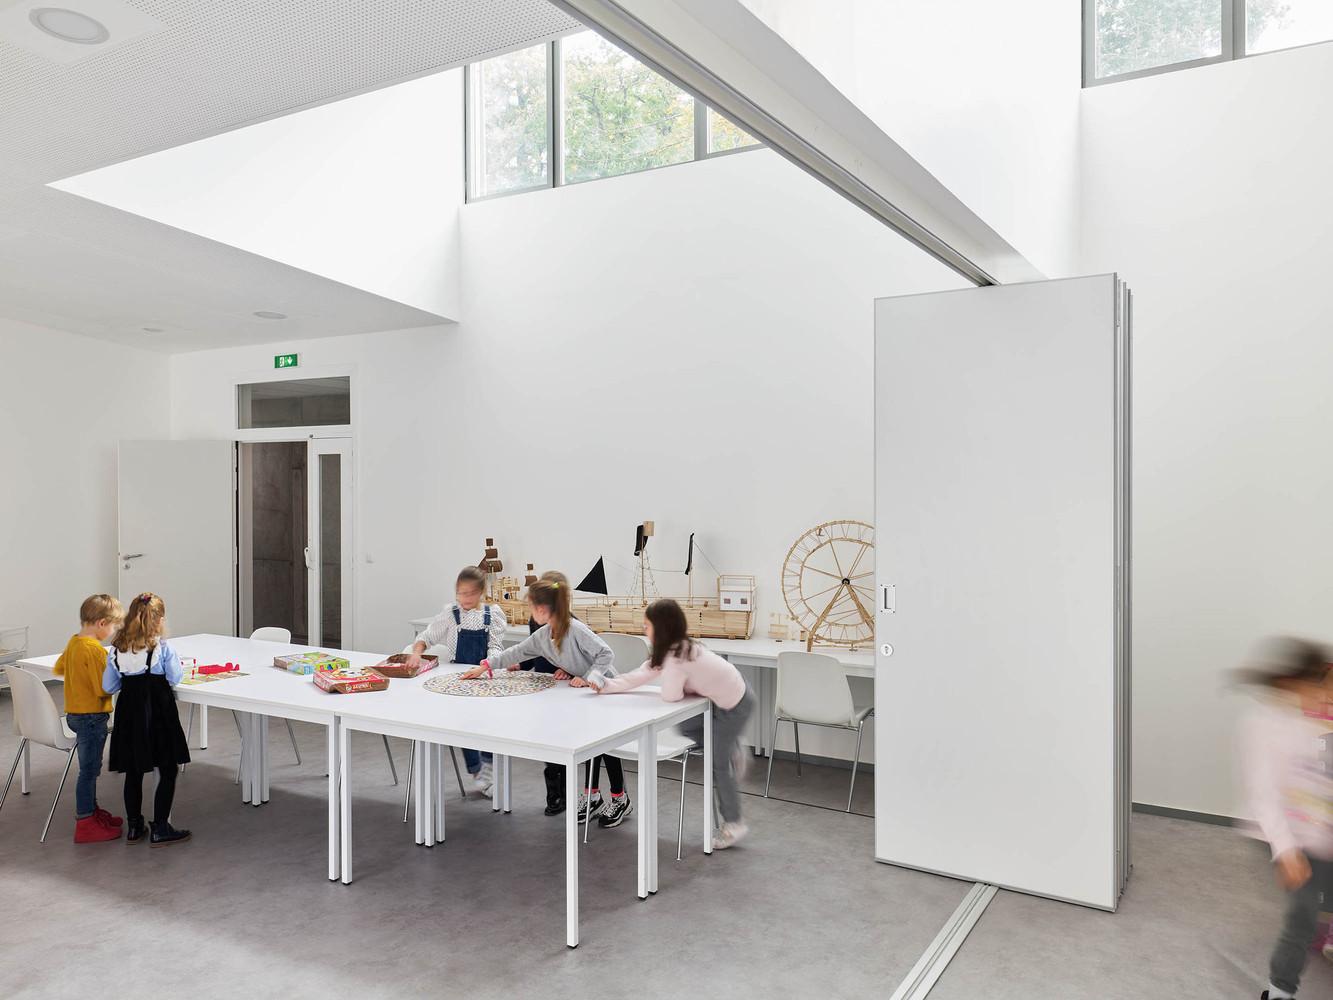 سازگاری و انعطافپذیری در معماری